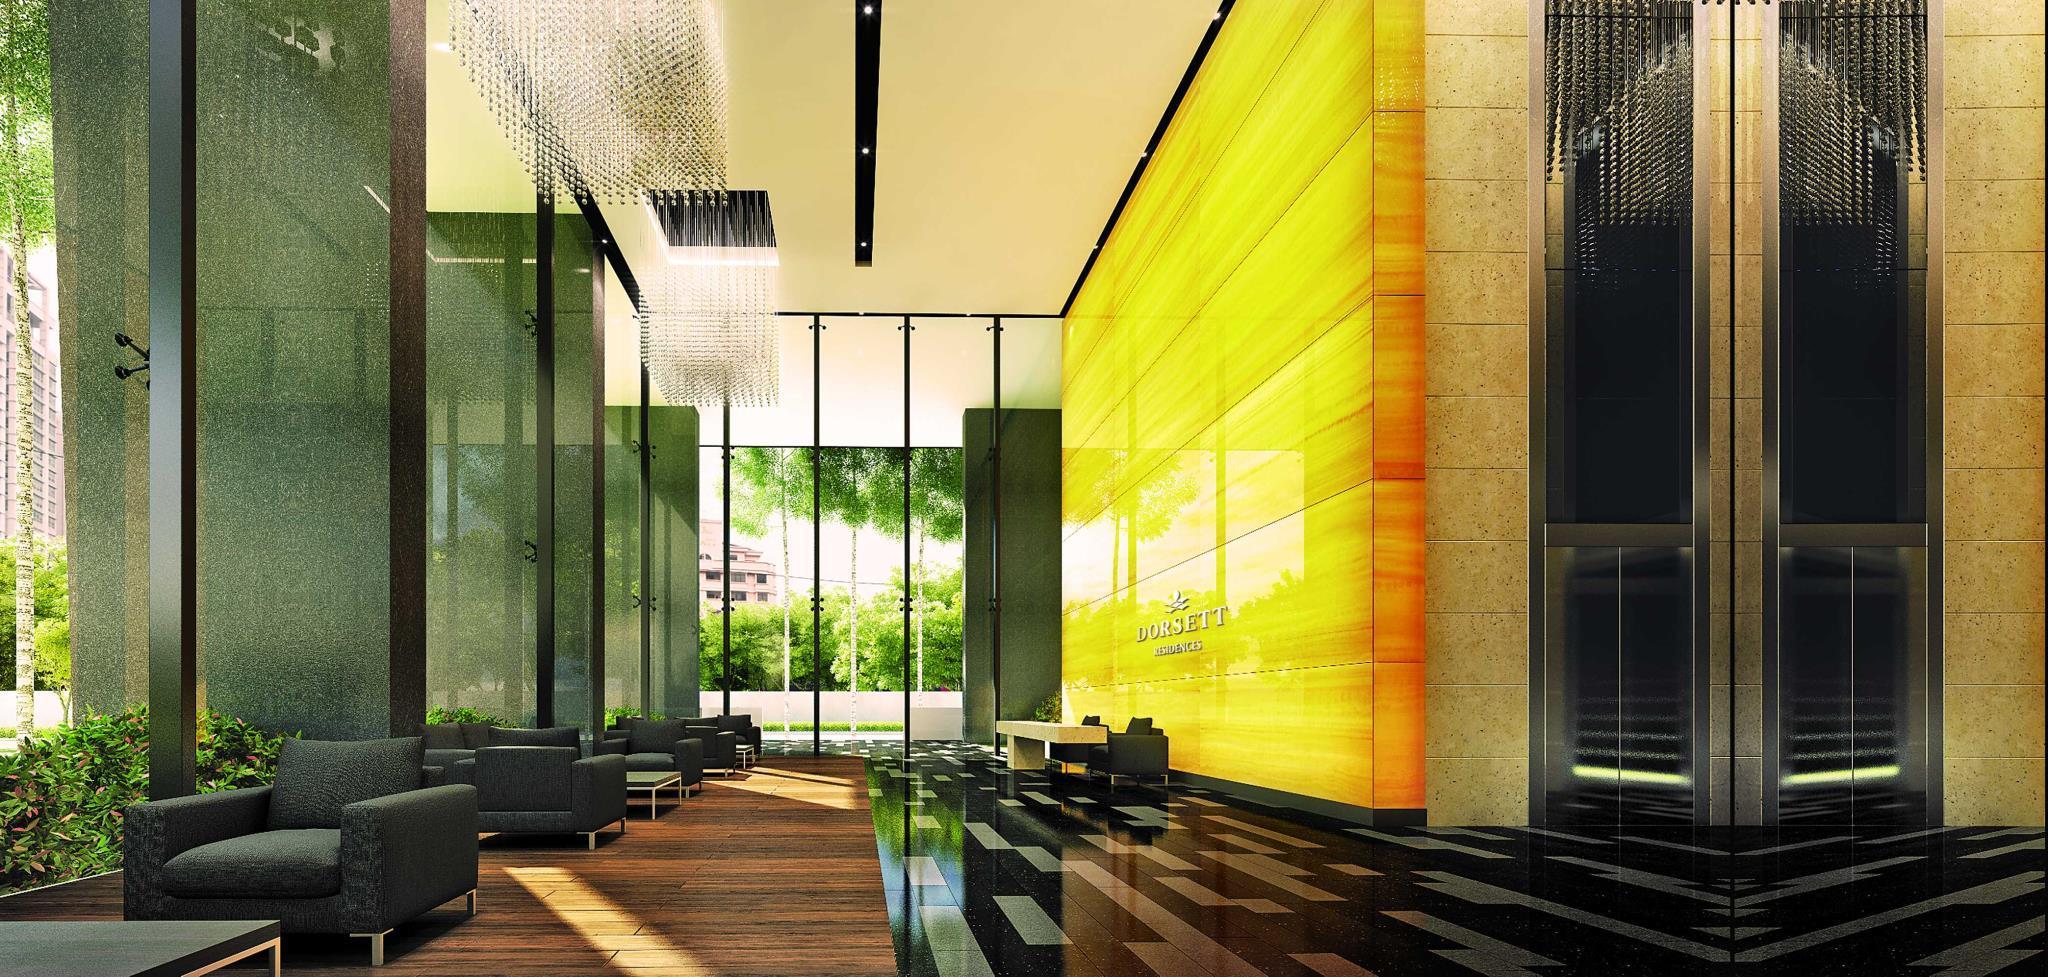 Best Price On Dorsett Residences Bukit Bintang  Dorsett